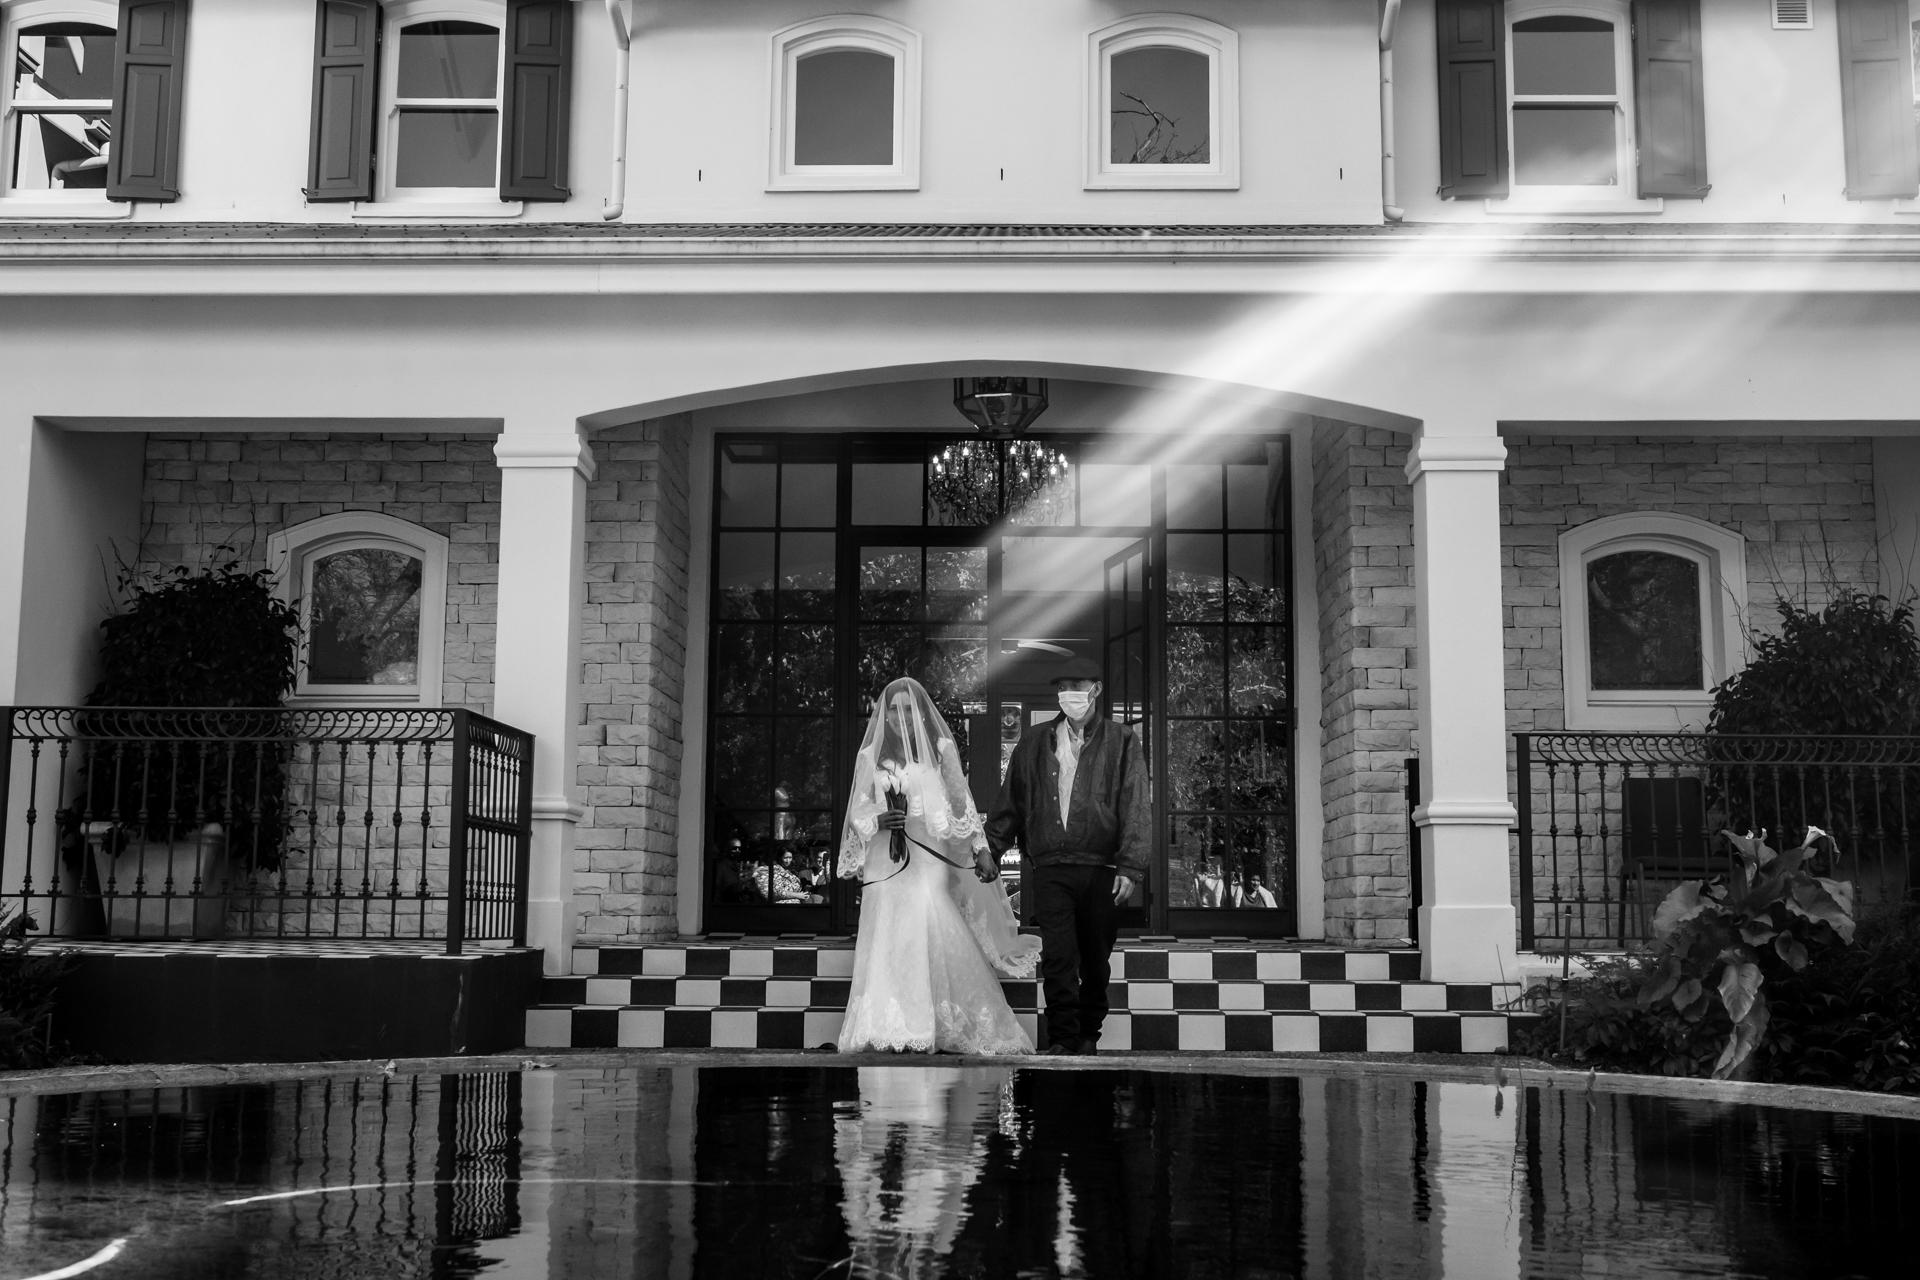 Arambrook Boutique Hotel, Cape Town Wedding Pictures | Una striscia di sole solitaria cade perfettamente sulla sposa